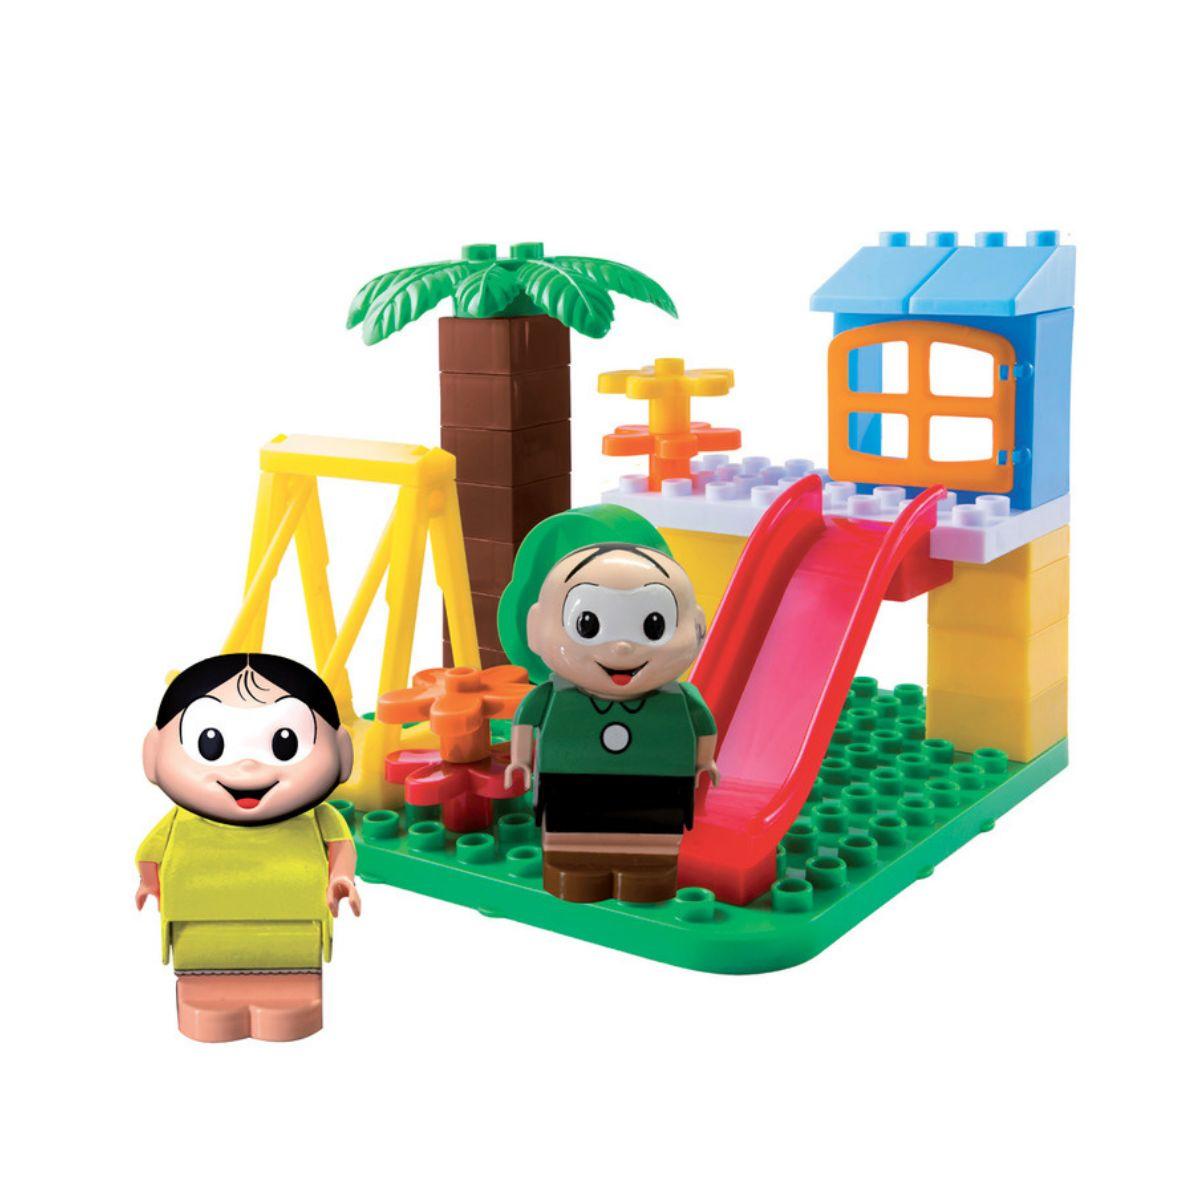 Turma da Mônica no Parque com 2 bonecos e 27 blocos